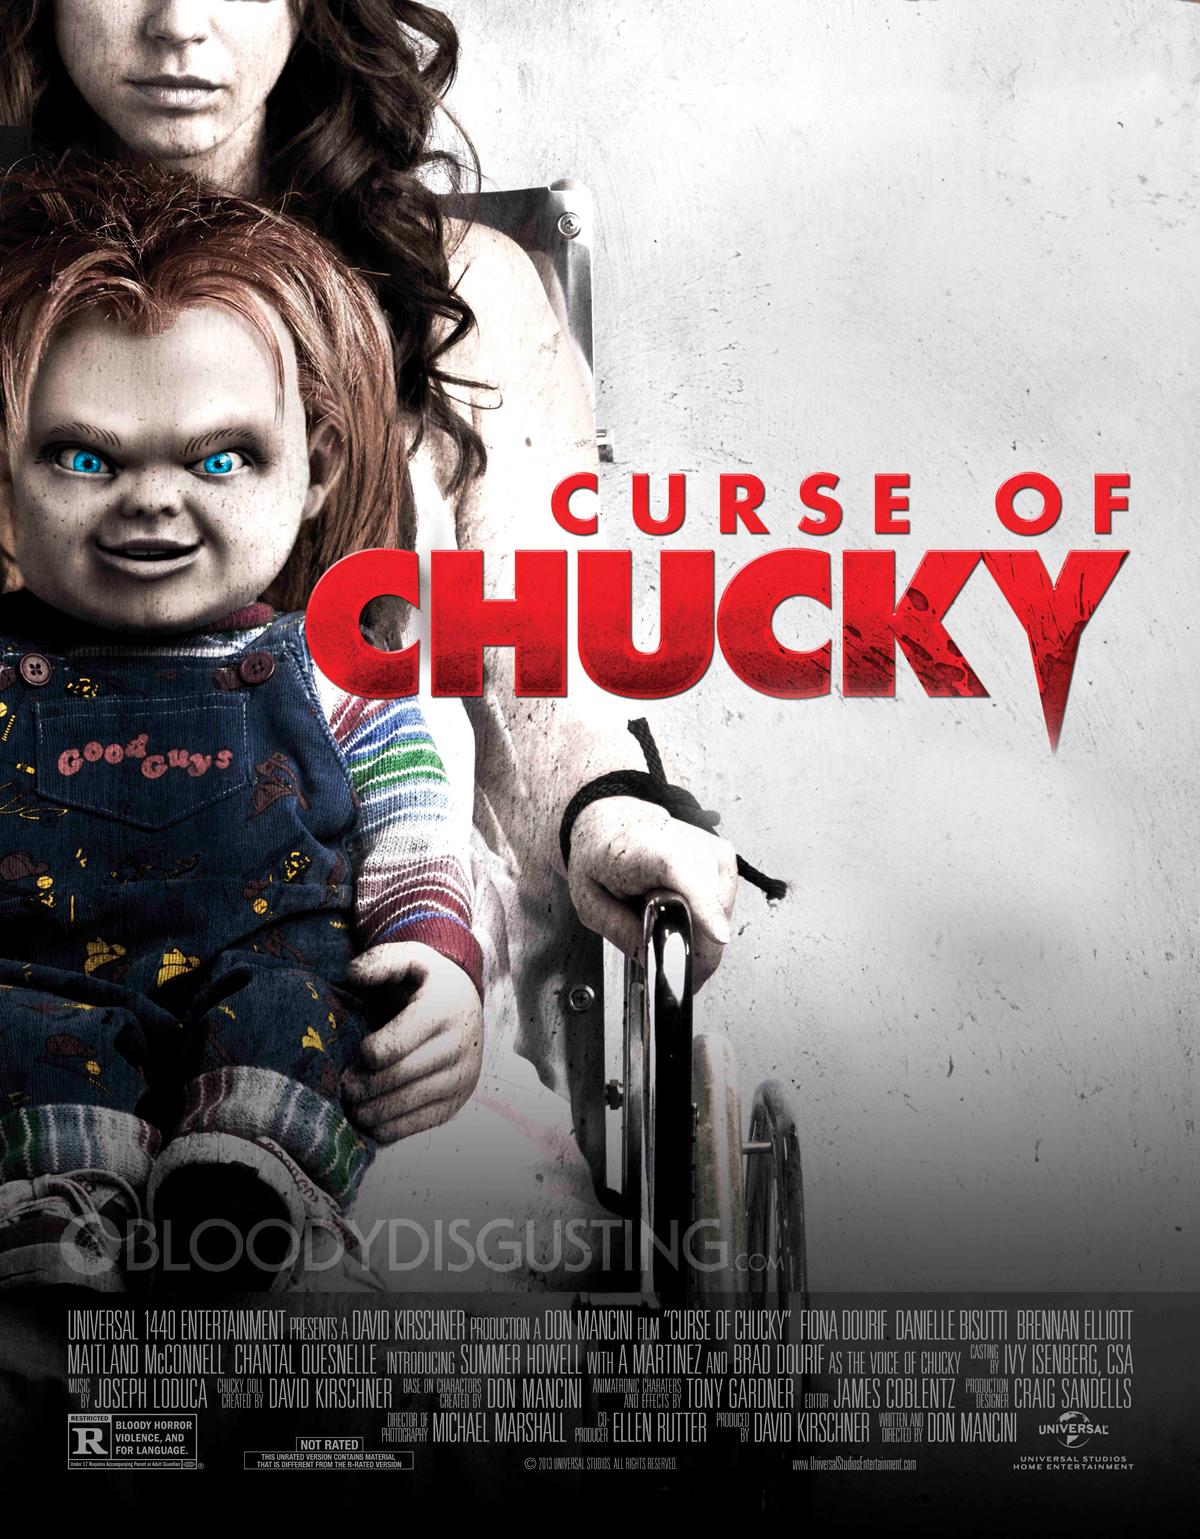 Curse-of-Chucky-post.jpg